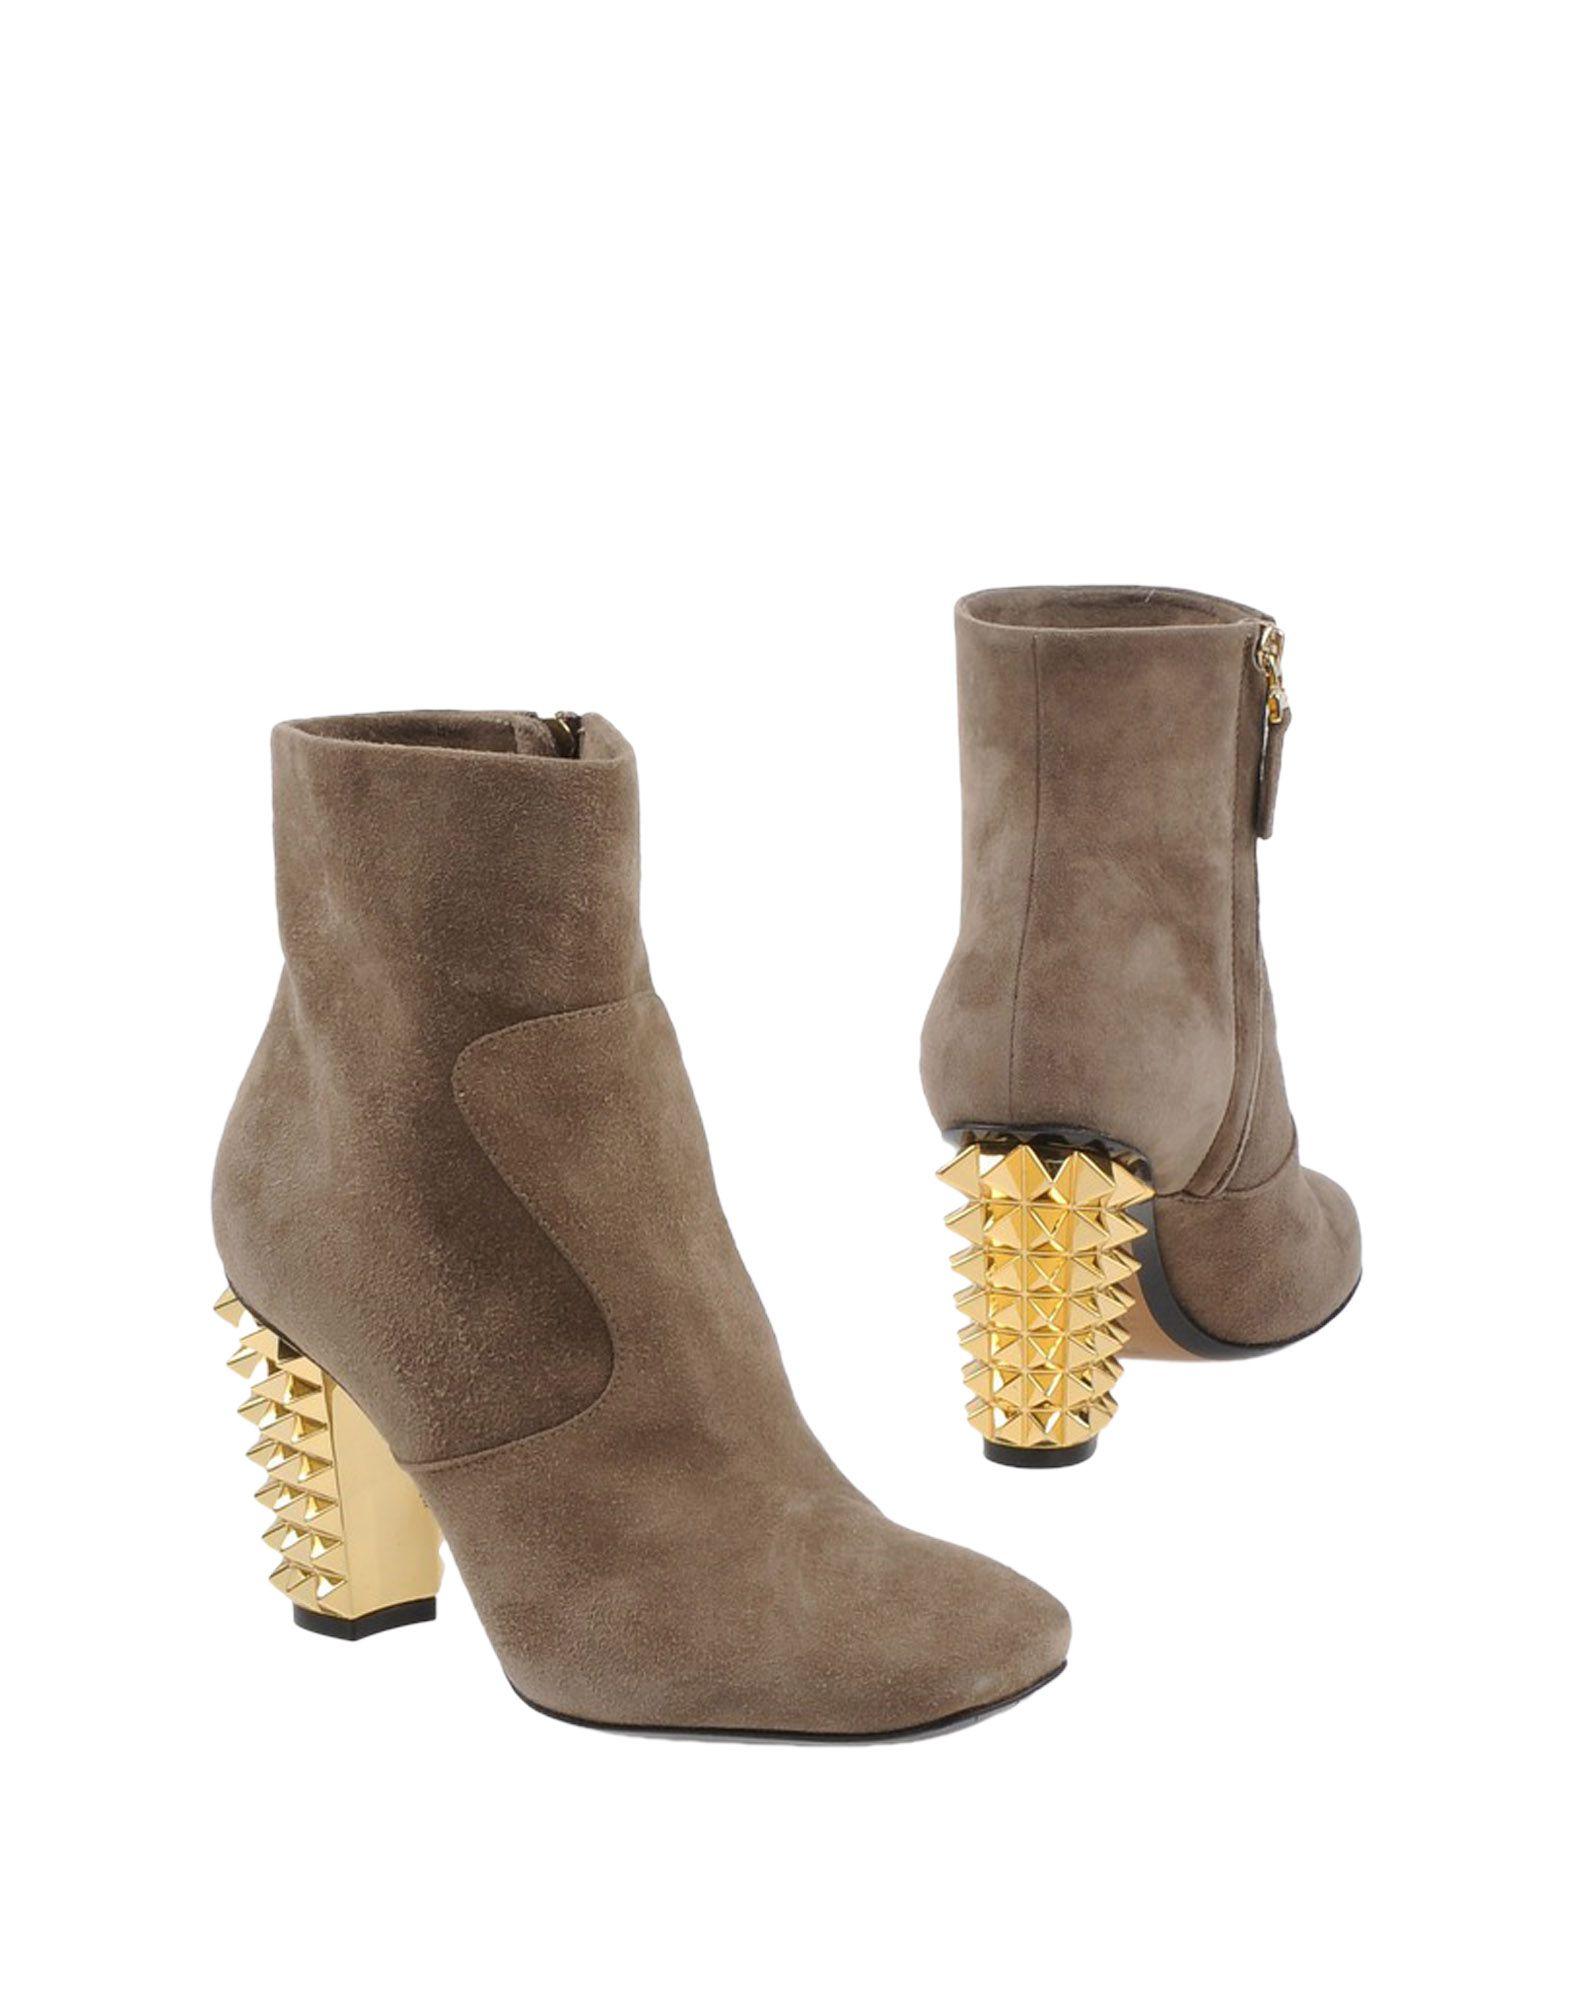 FENDI Полусапоги и высокие ботинки fendi полусапоги и высокие ботинки